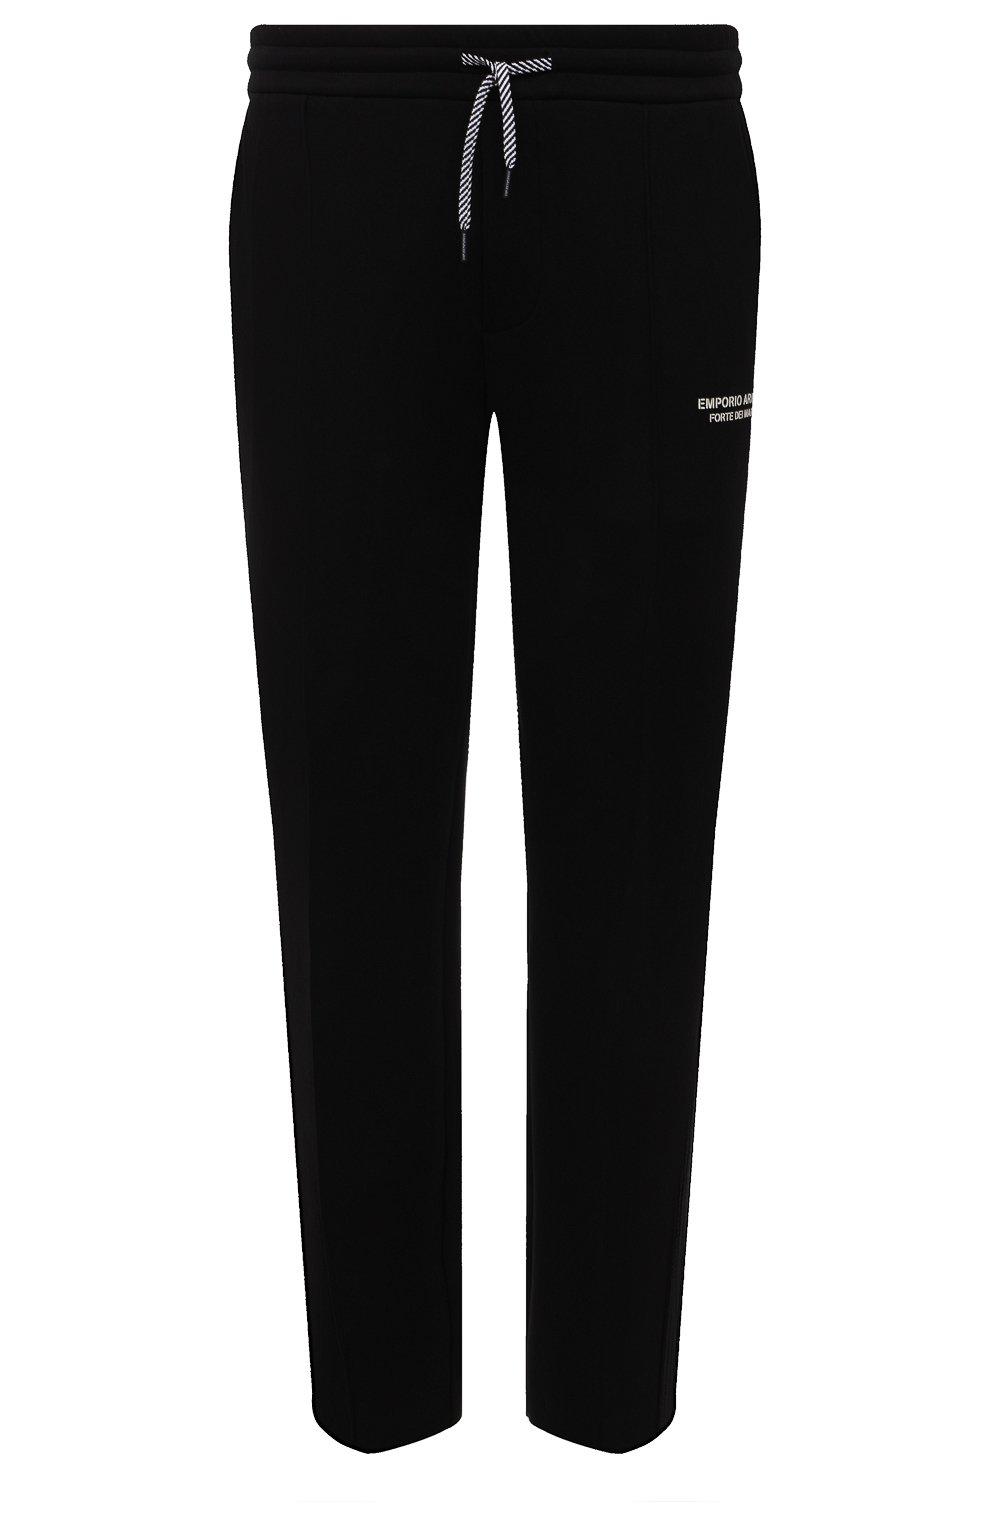 Мужские хлопковые брюки EMPORIO ARMANI черного цвета, арт. 6K1P67/1JHSZ | Фото 1 (Мужское Кросс-КТ: Брюки-трикотаж; Длина (брюки, джинсы): Стандартные; Кросс-КТ: Спорт; Материал внешний: Хлопок; Стили: Спорт-шик)